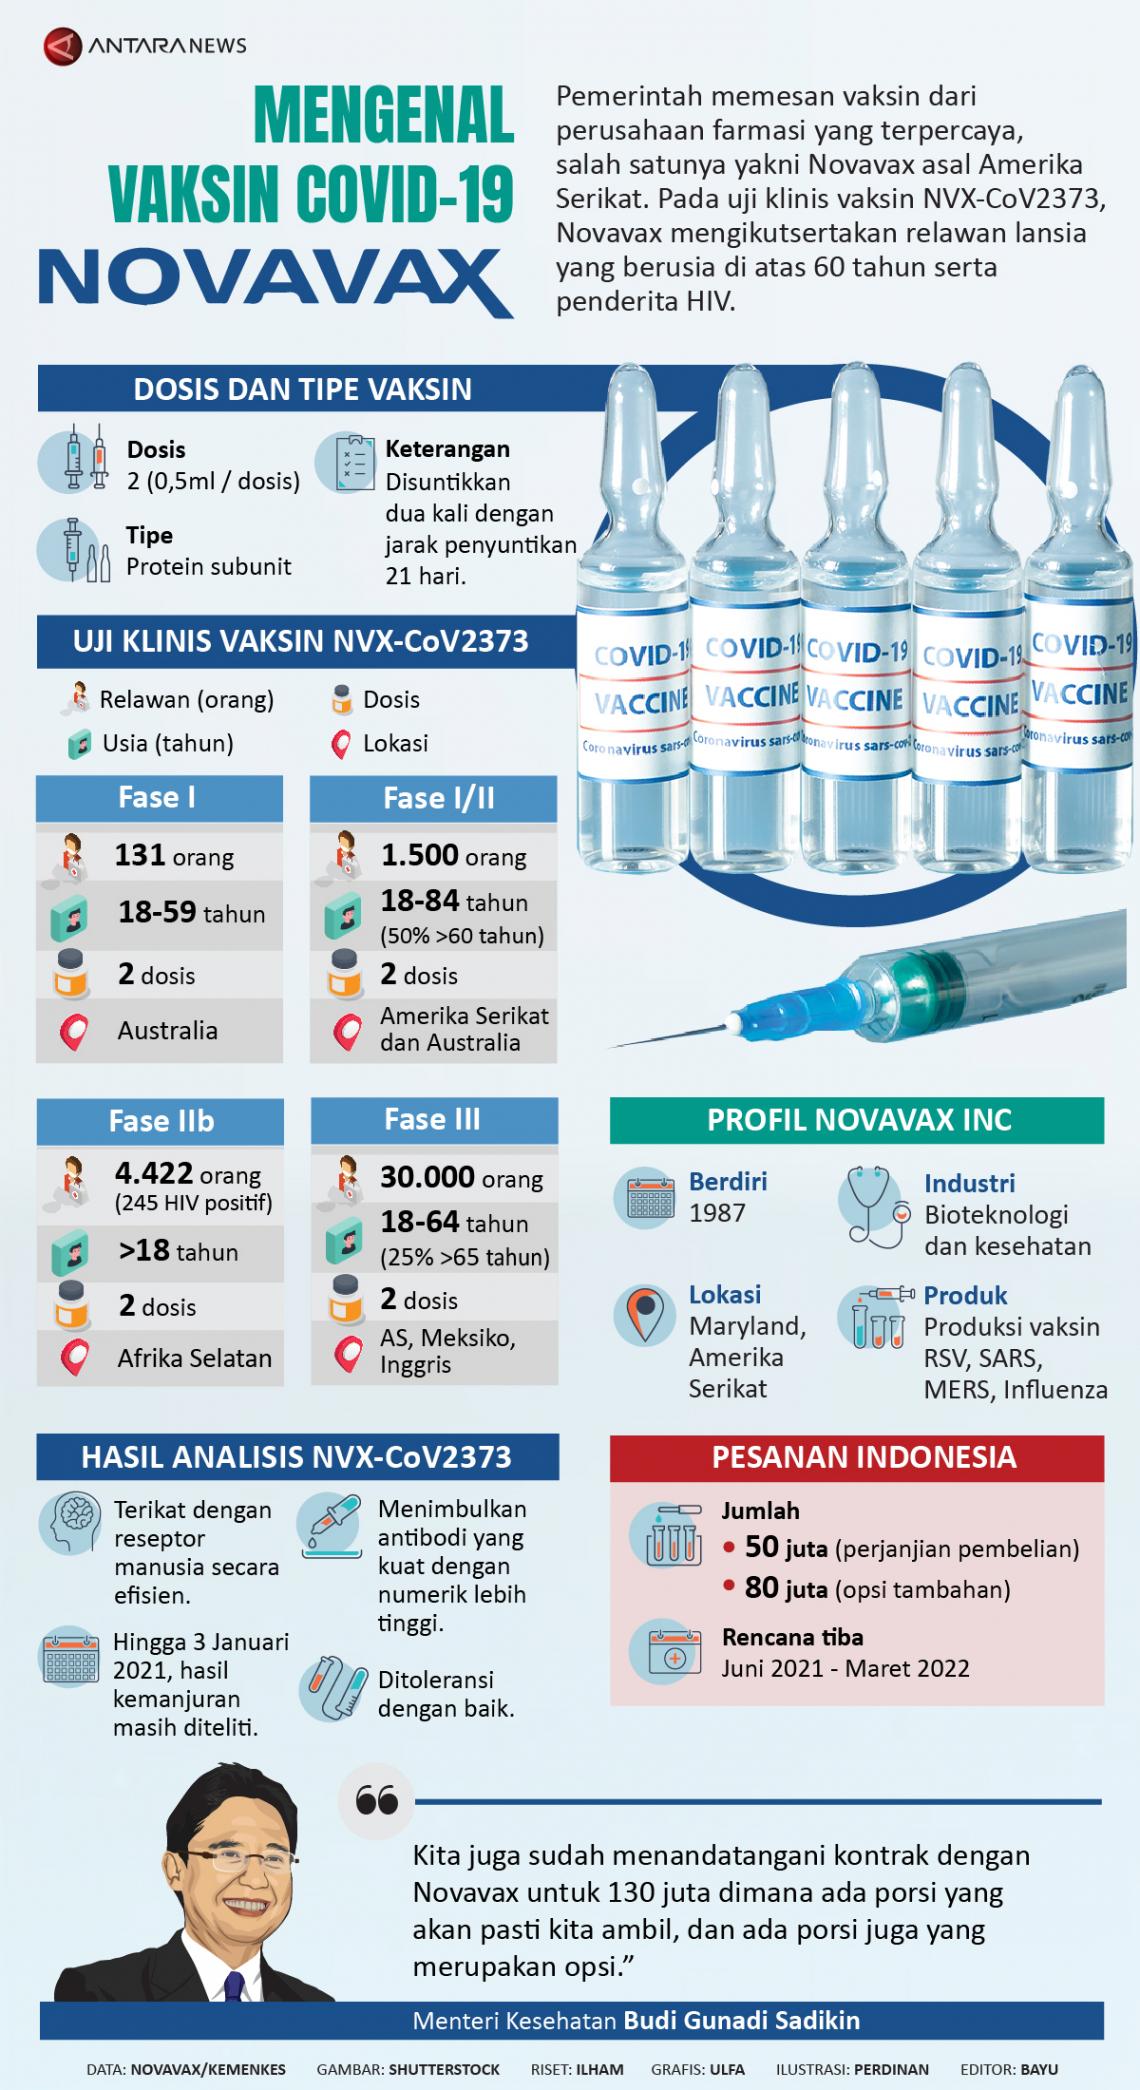 Mengenal vaksin COVID-19 Novavax